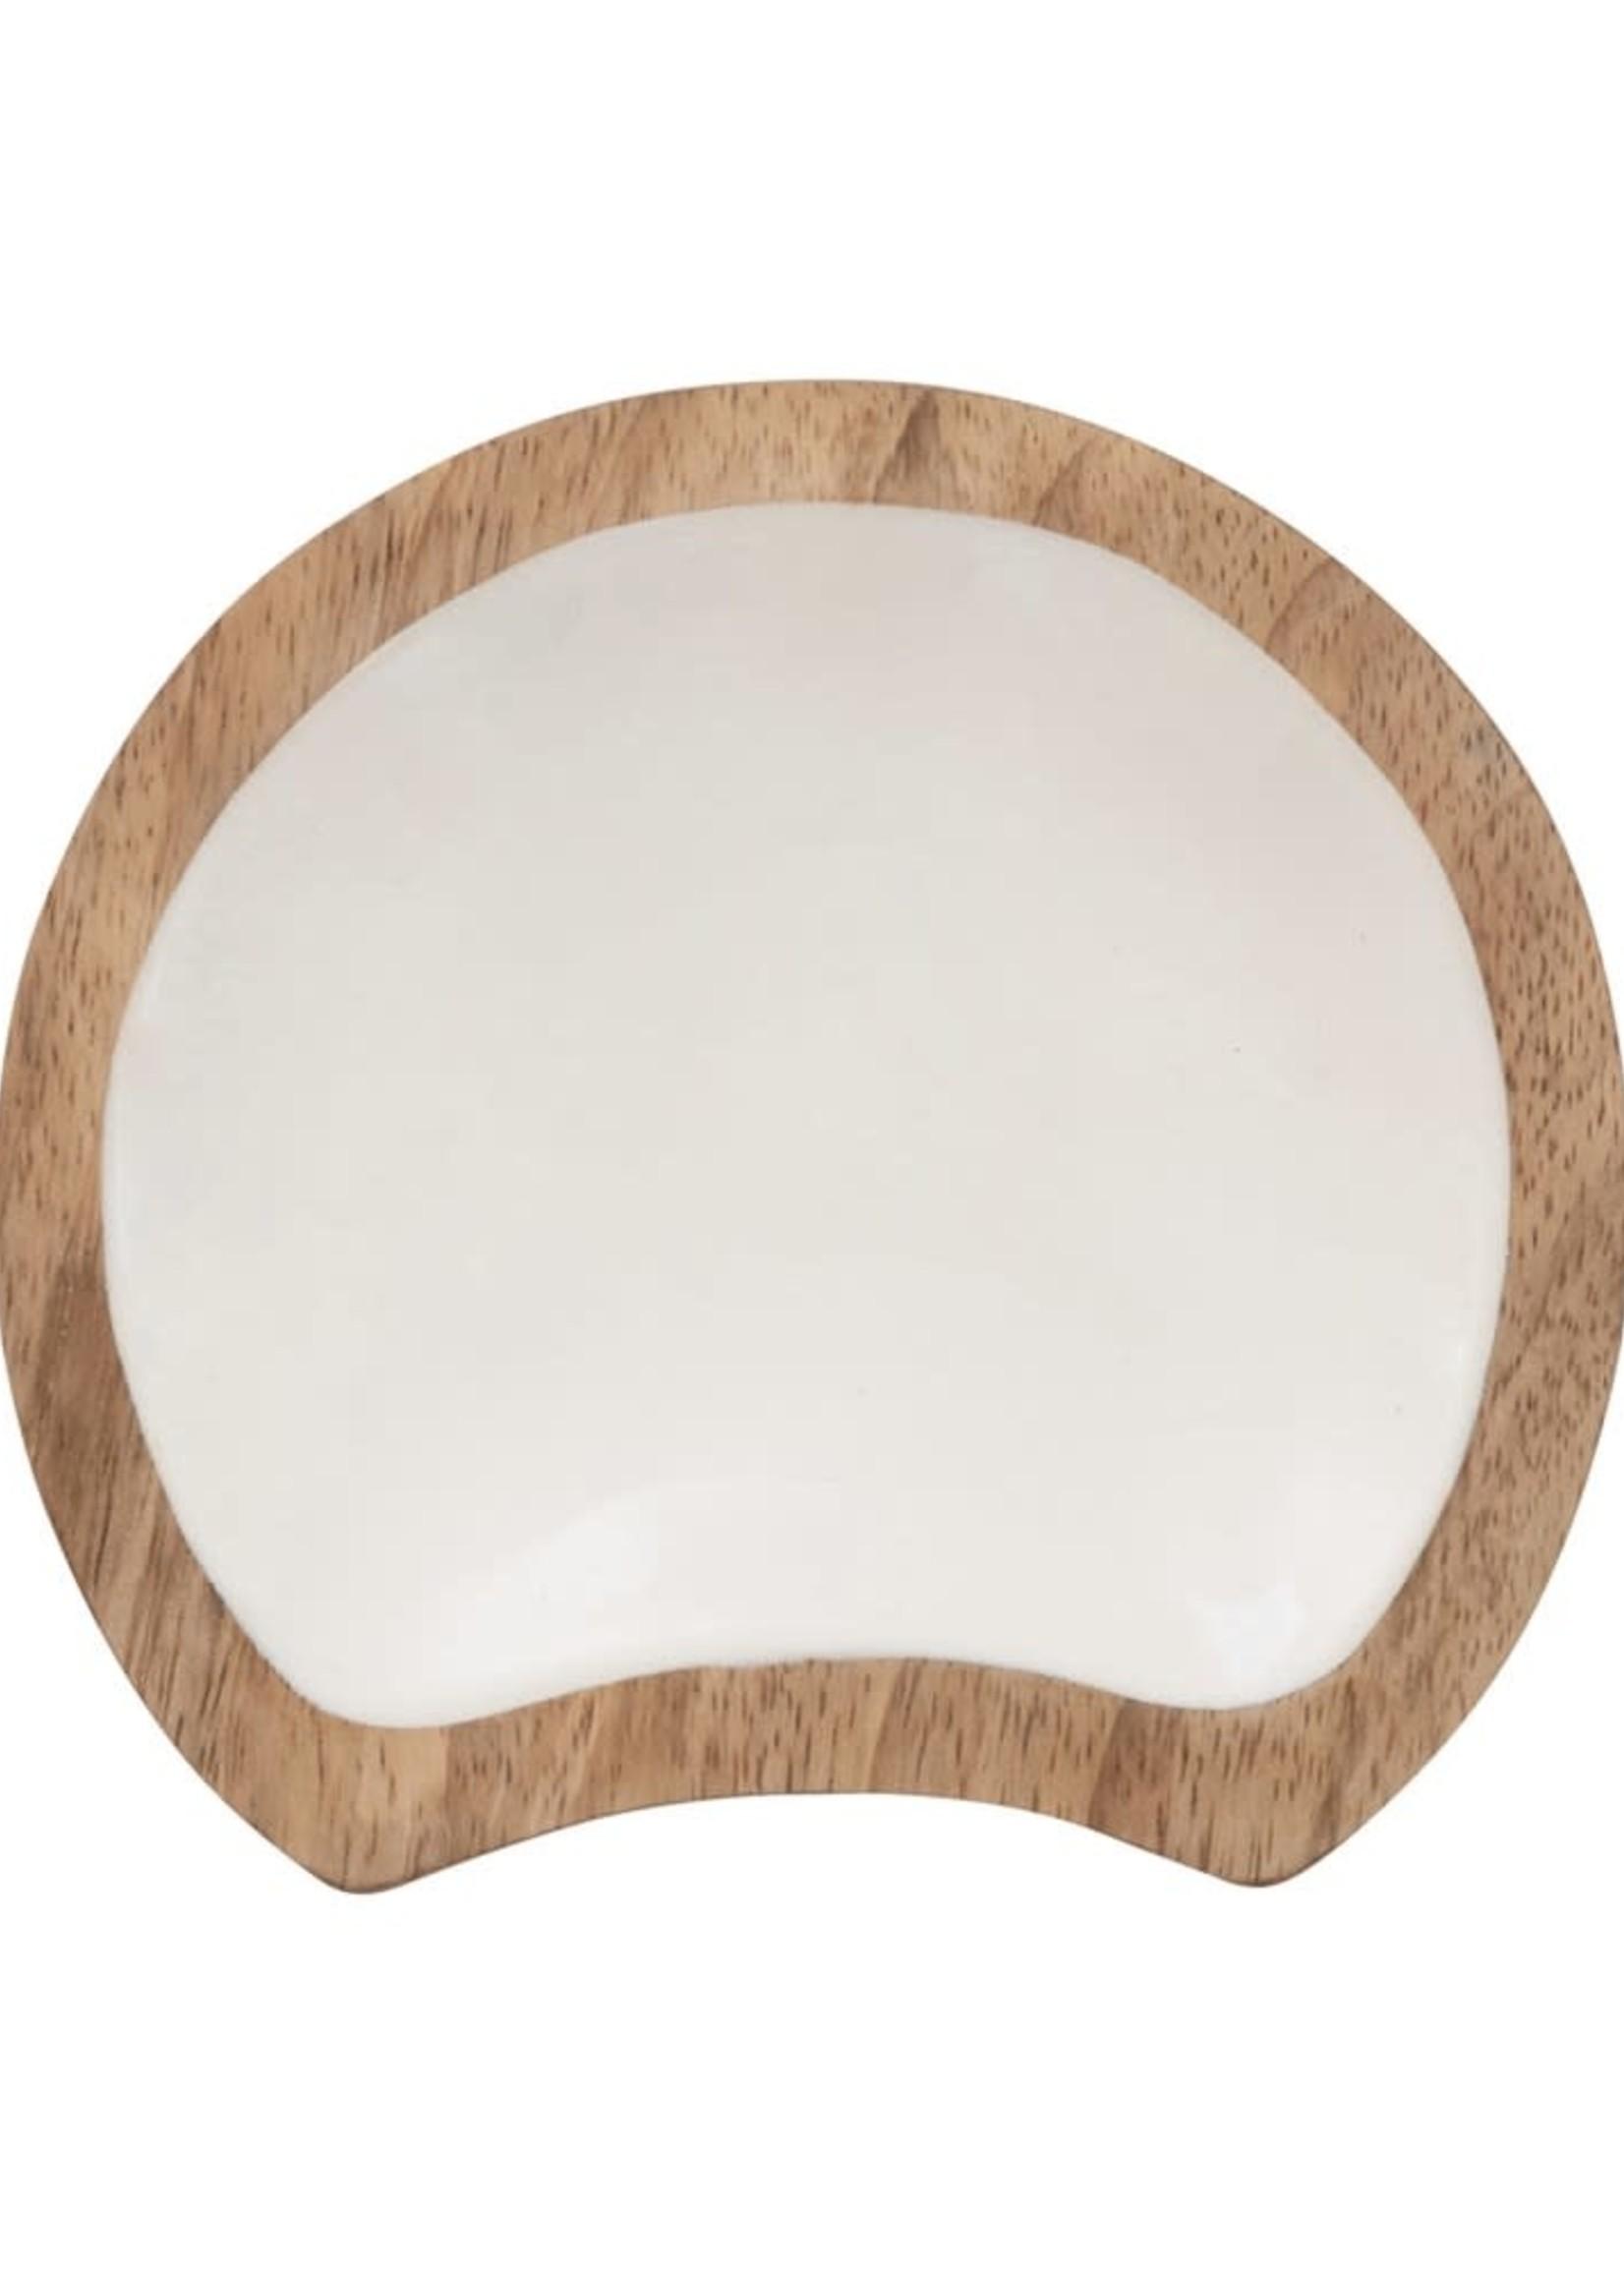 Enameled Mango Wood Spoon Rest, White